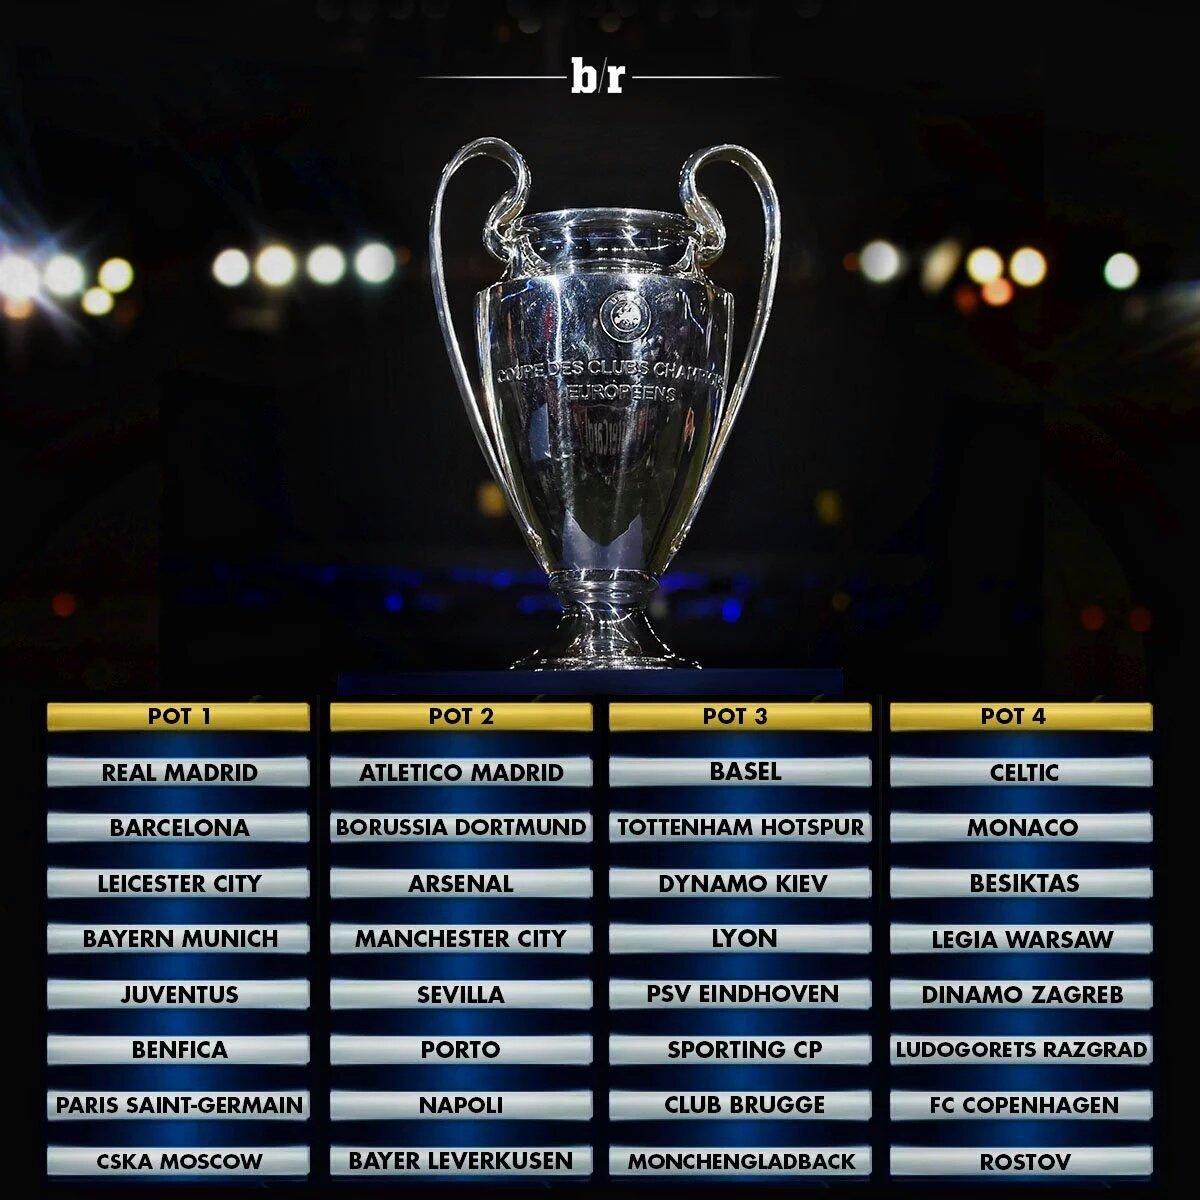 Sorteggi Champions League Diretta TV Streaming Video: dove vedere le 16 squadre dentro le urne con Juventus e Napoli